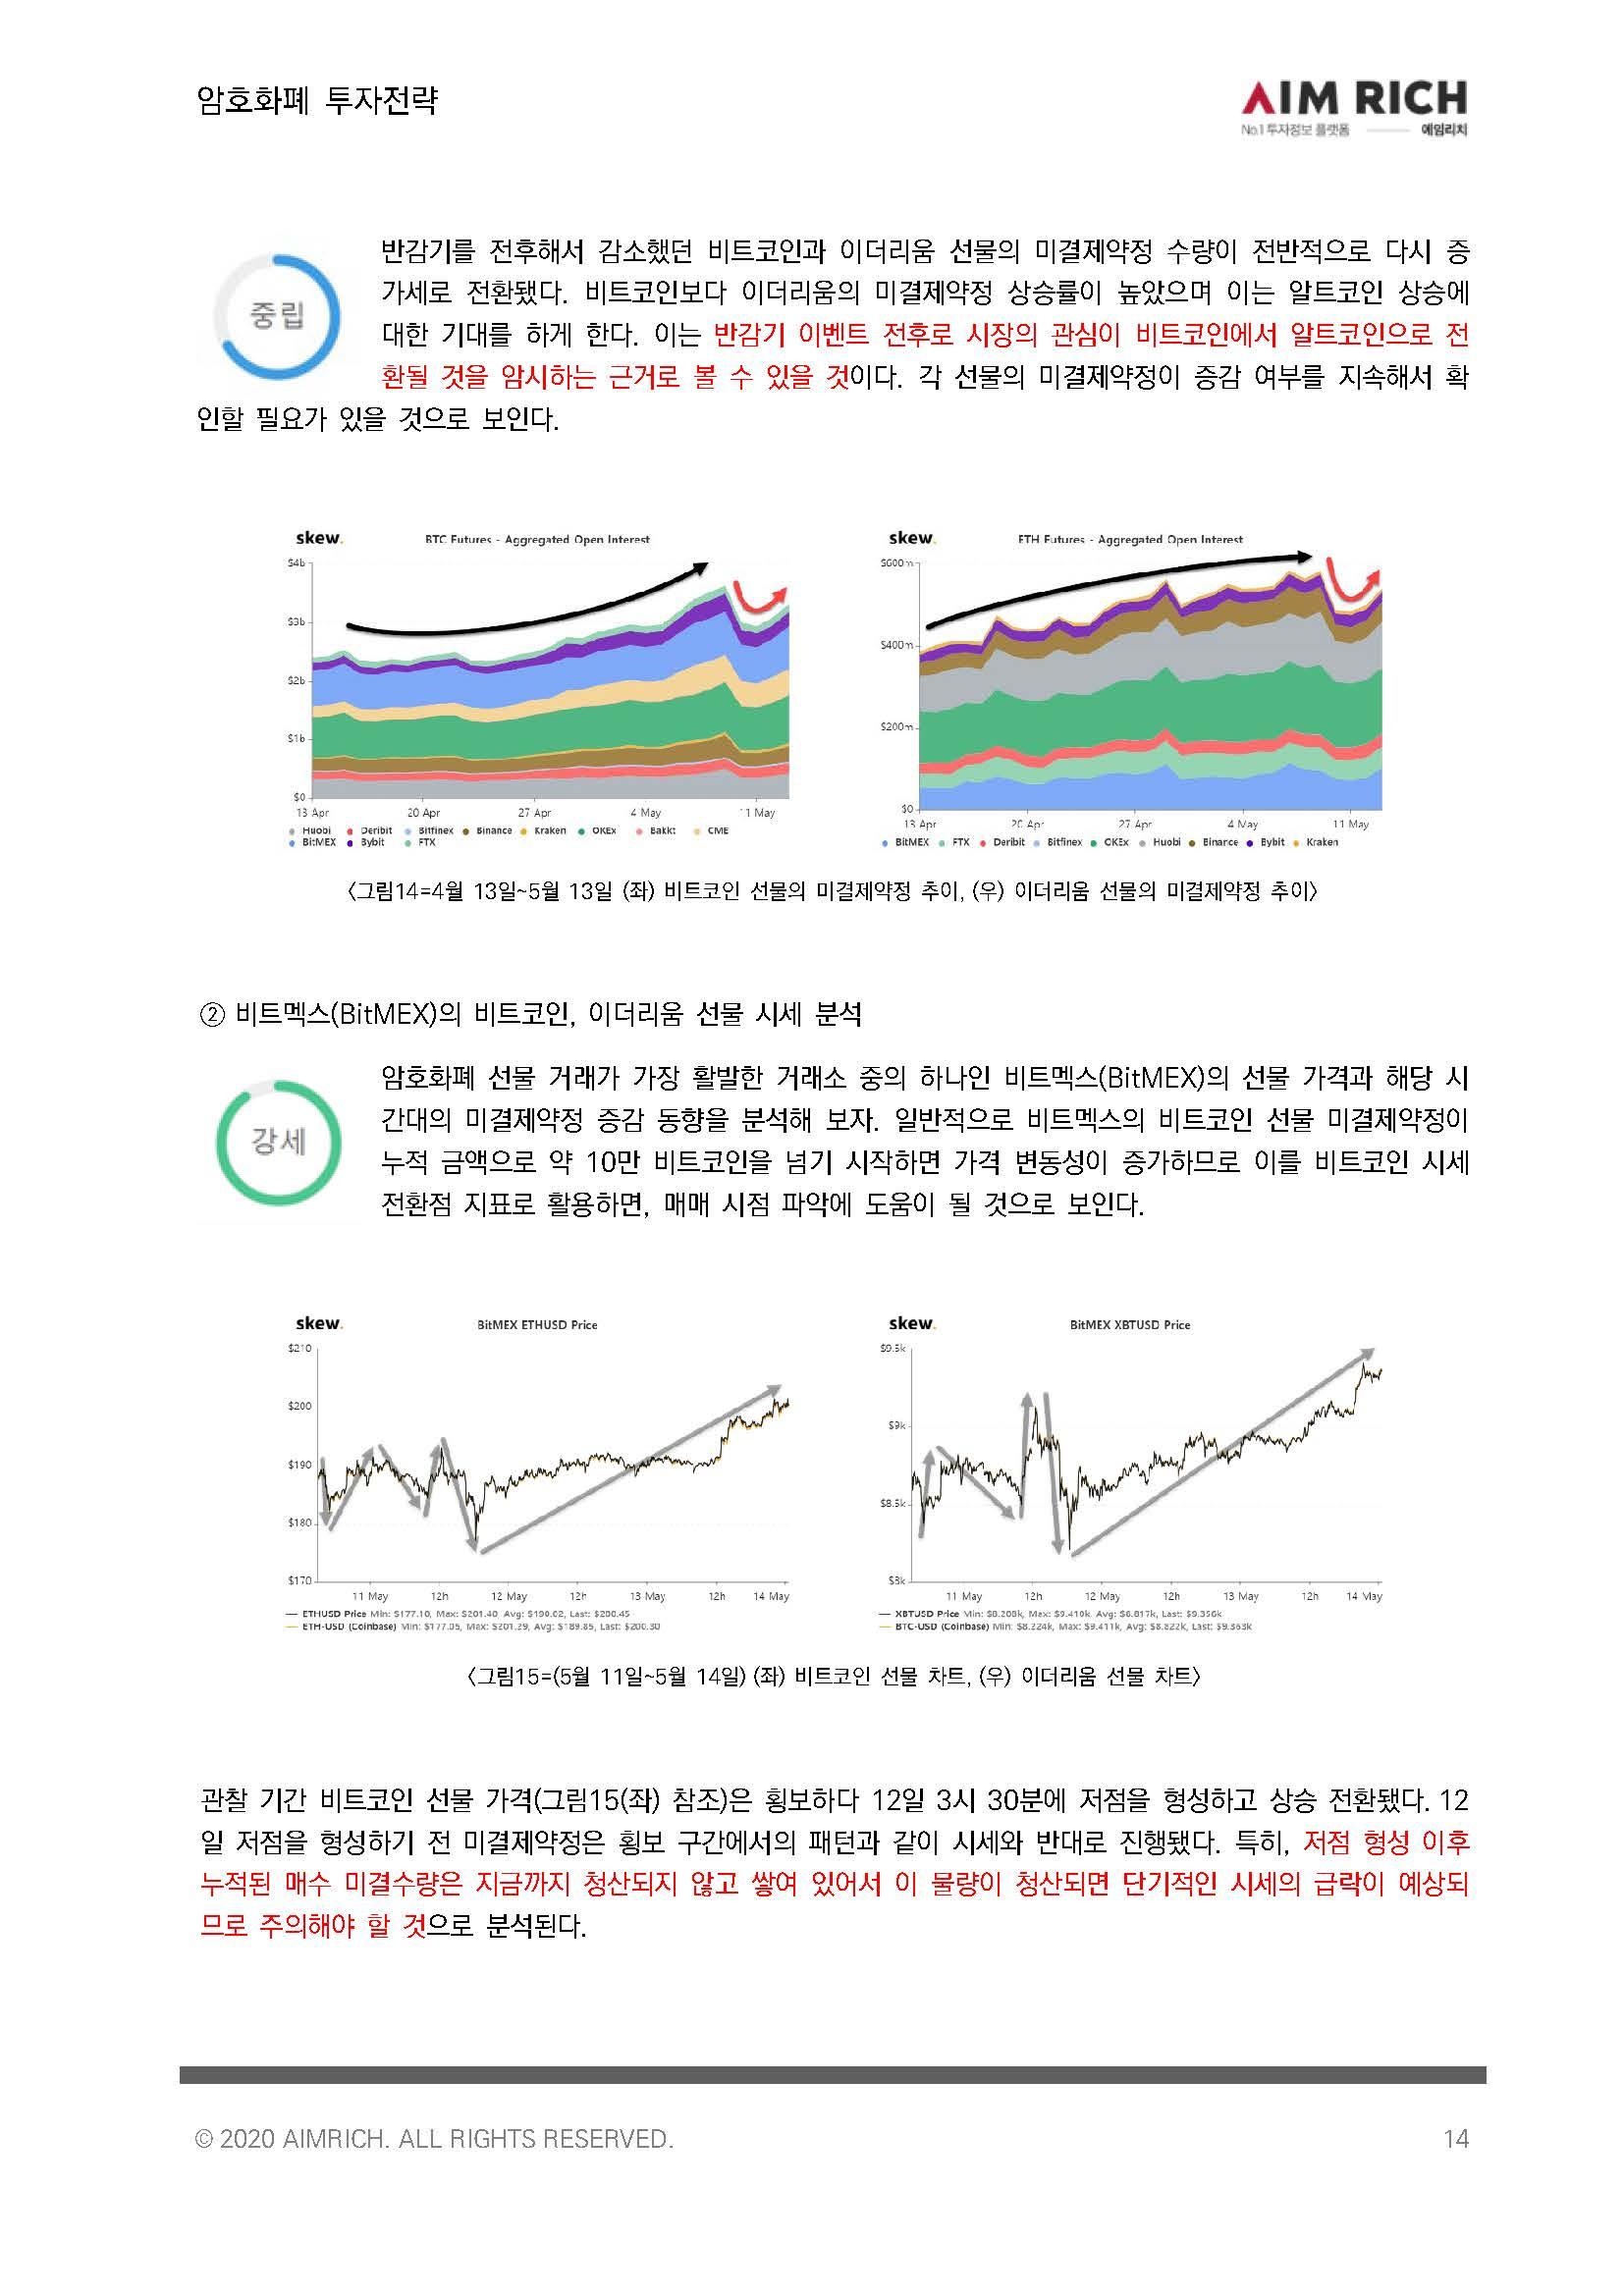 [투자전략]비트코인, 주요 자산 중 연초대비 수익률 1위로 '강세'_20200514_페이지_14.jpg